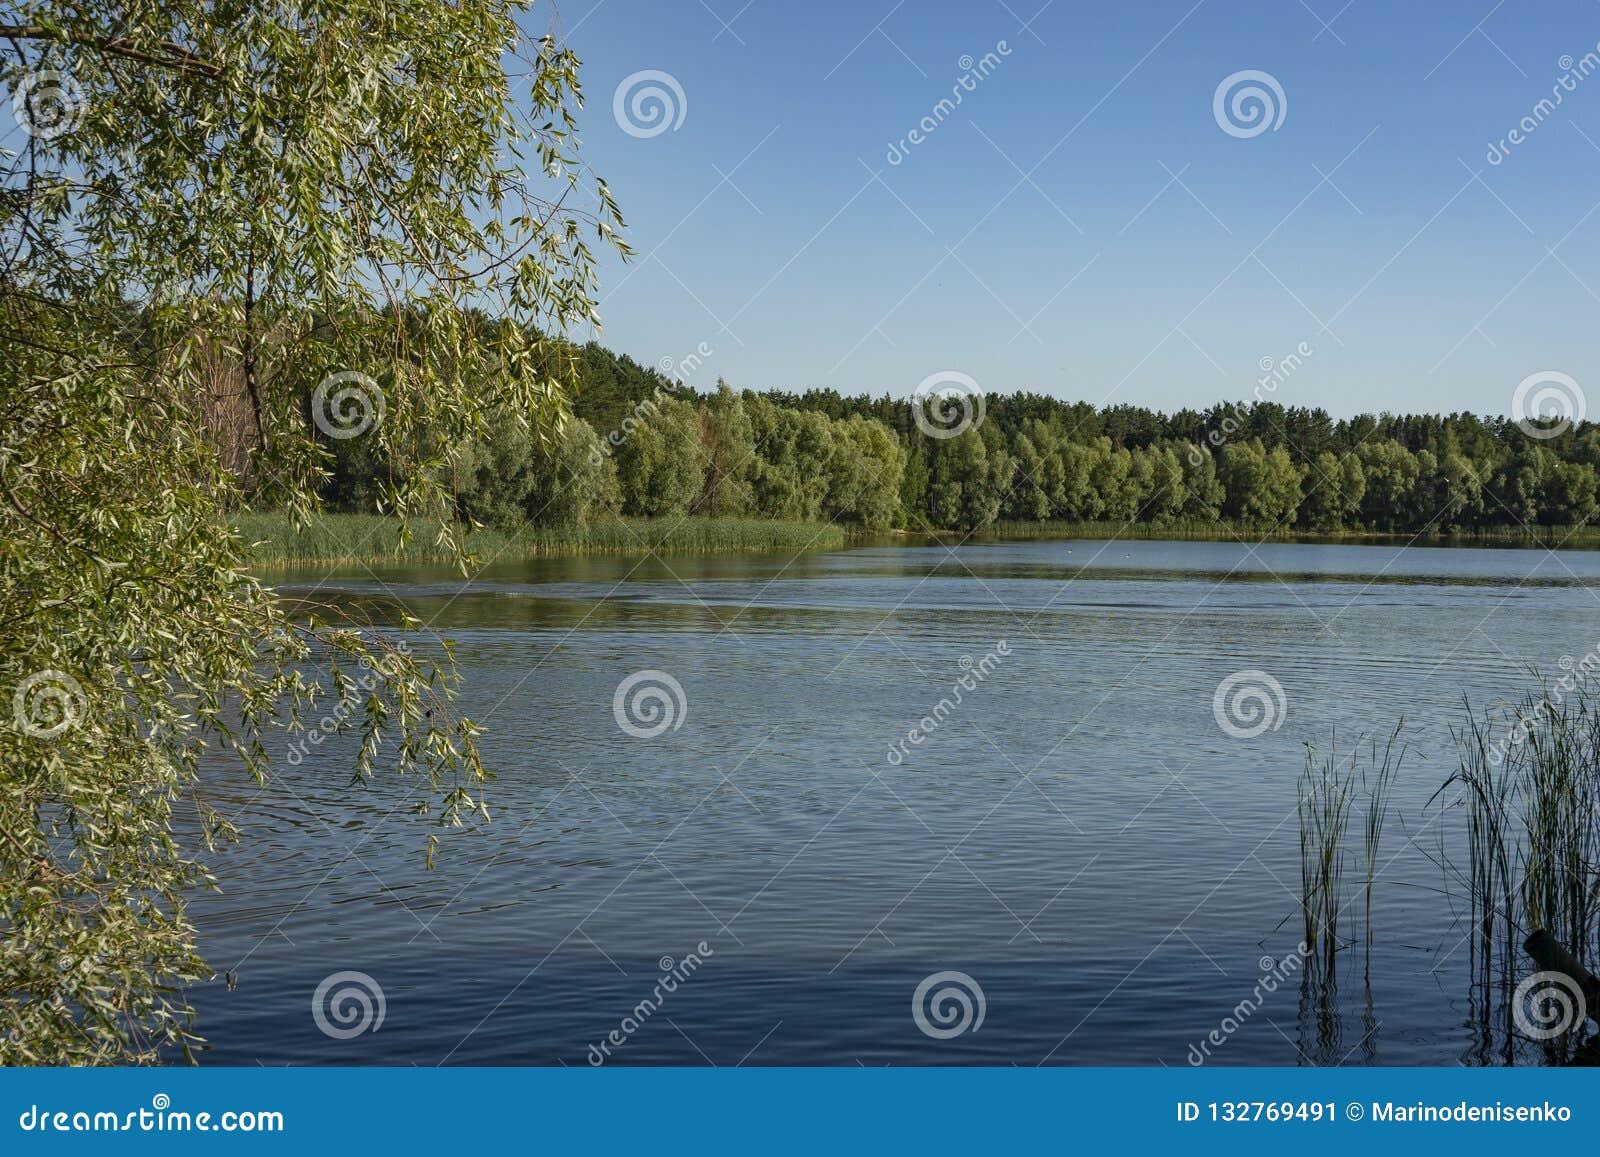 El río fluye a lo largo de las costas boscosas La bahía del río Volga cerca de la ciudad de Ulyanovsk